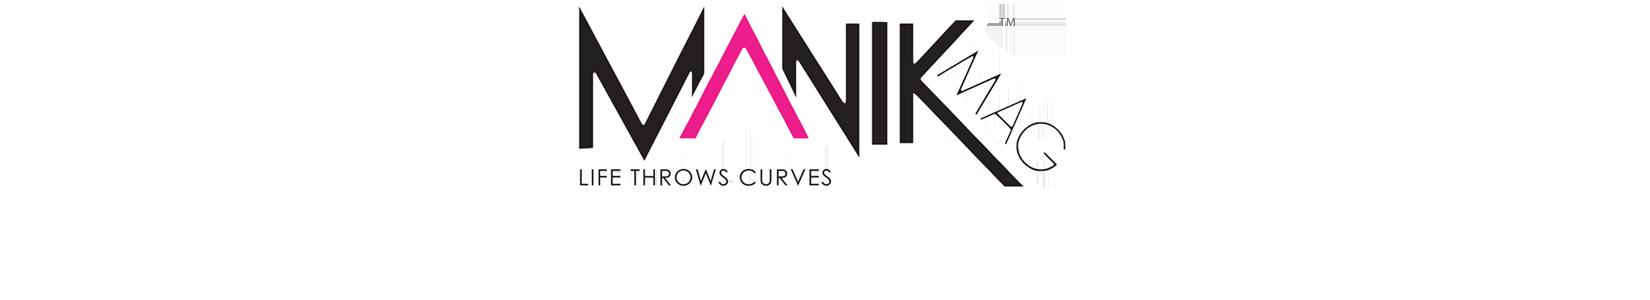 Manik Mag Shop